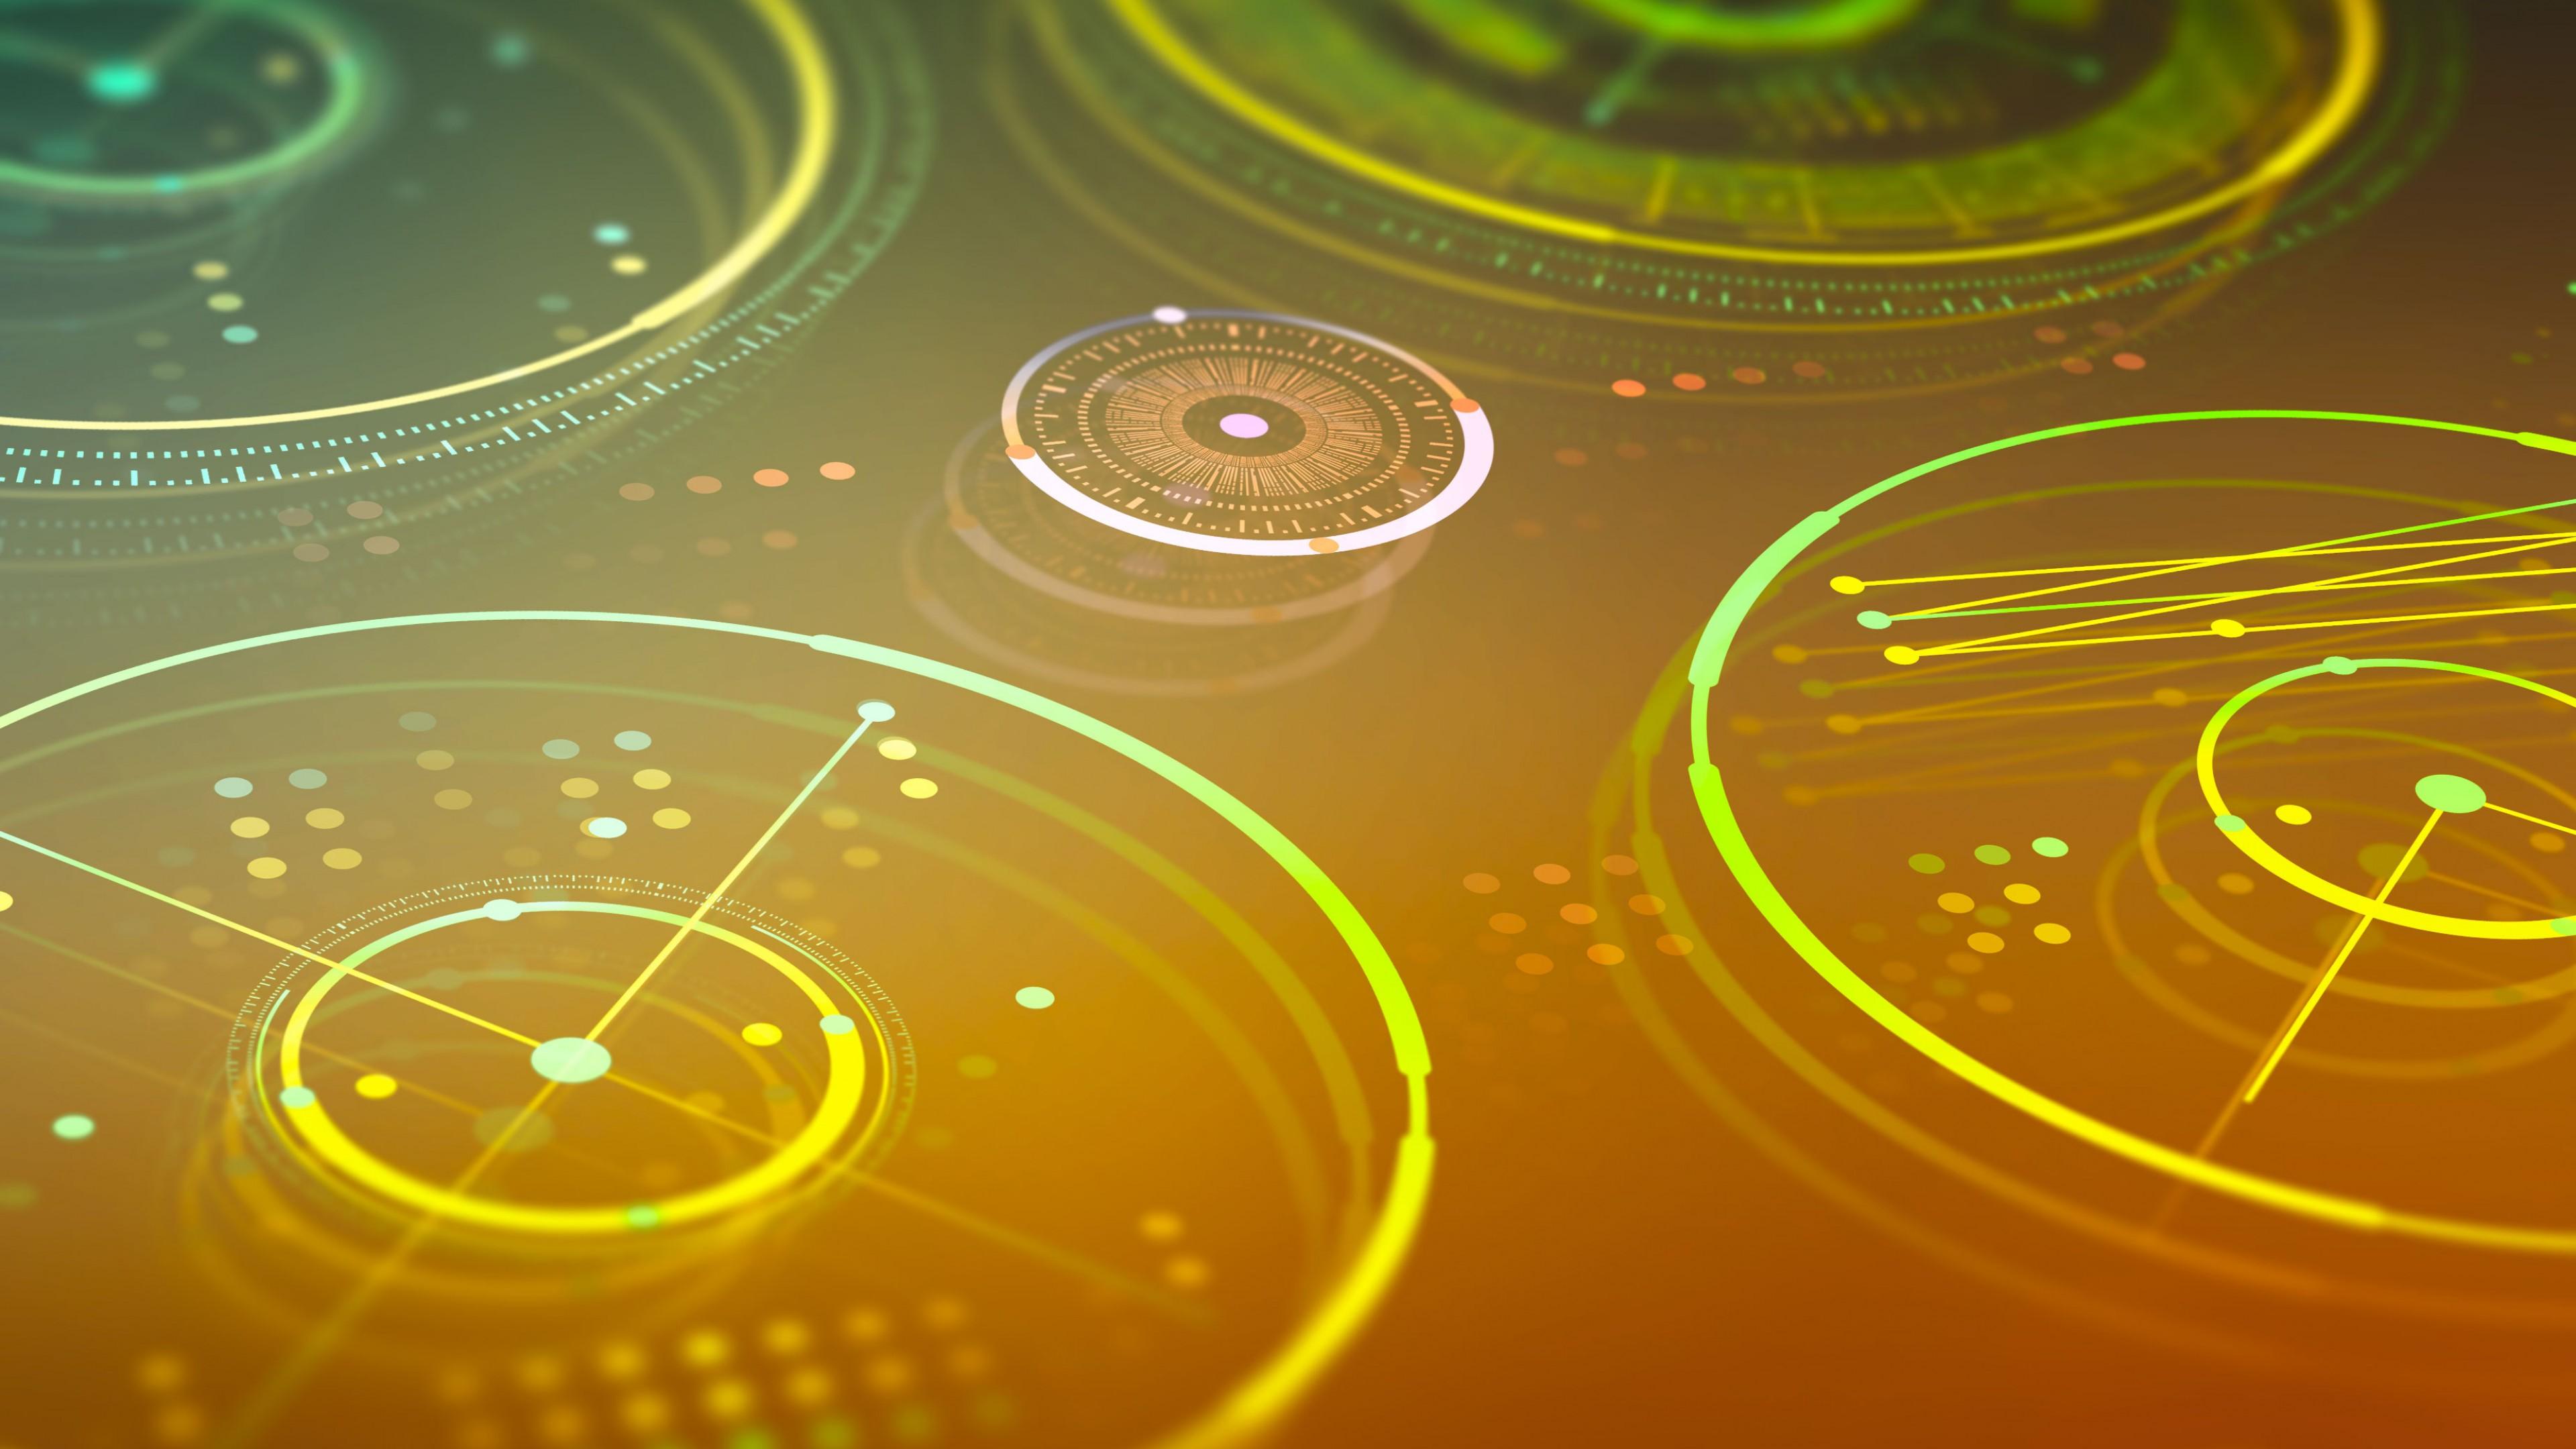 Компьютерная графика и неоновых золотисто-зеленых окружностях с векторами